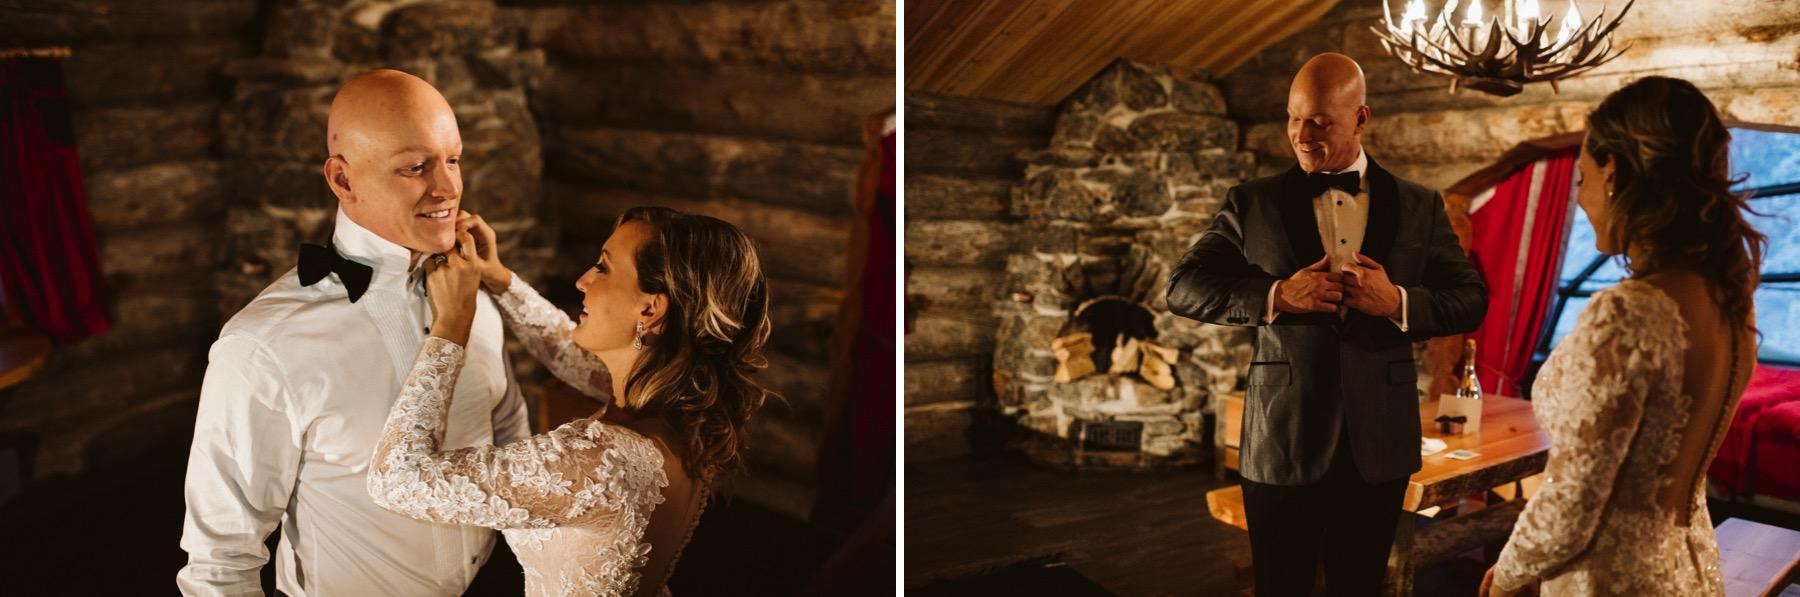 Kakslauttanen wood cabin